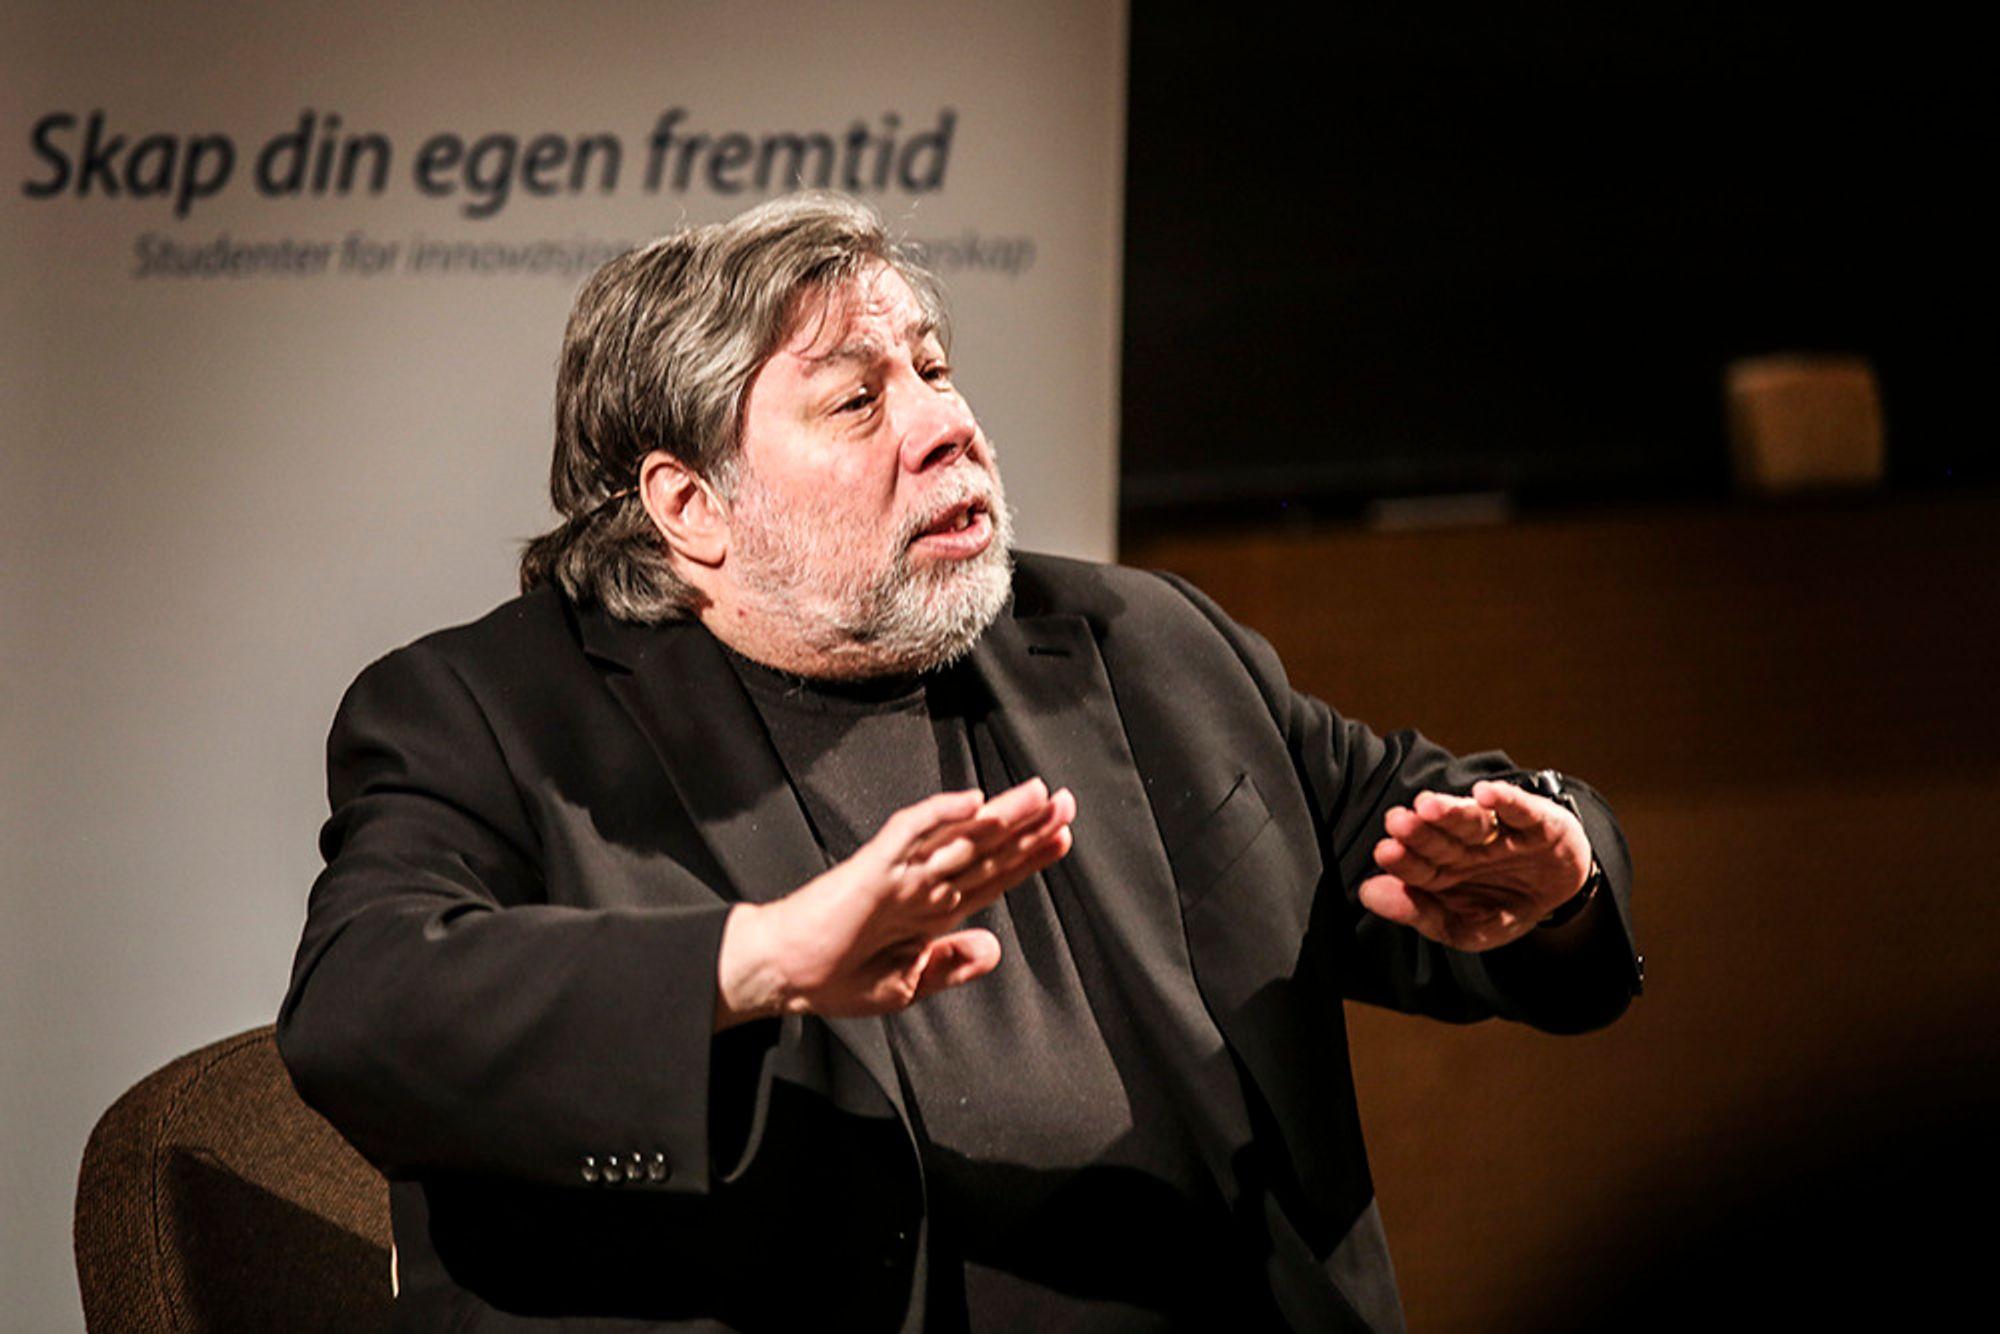 Da Apple-gründer Steve Wozniak gjestet NTNU, ba han unge entreprenører følge ideene sine og avslørte at en velkjent Apple-historie bare er bløff. - Han kan ha en større stjerne hos ingeniører enn Steve Jobs, sier dataekspert.